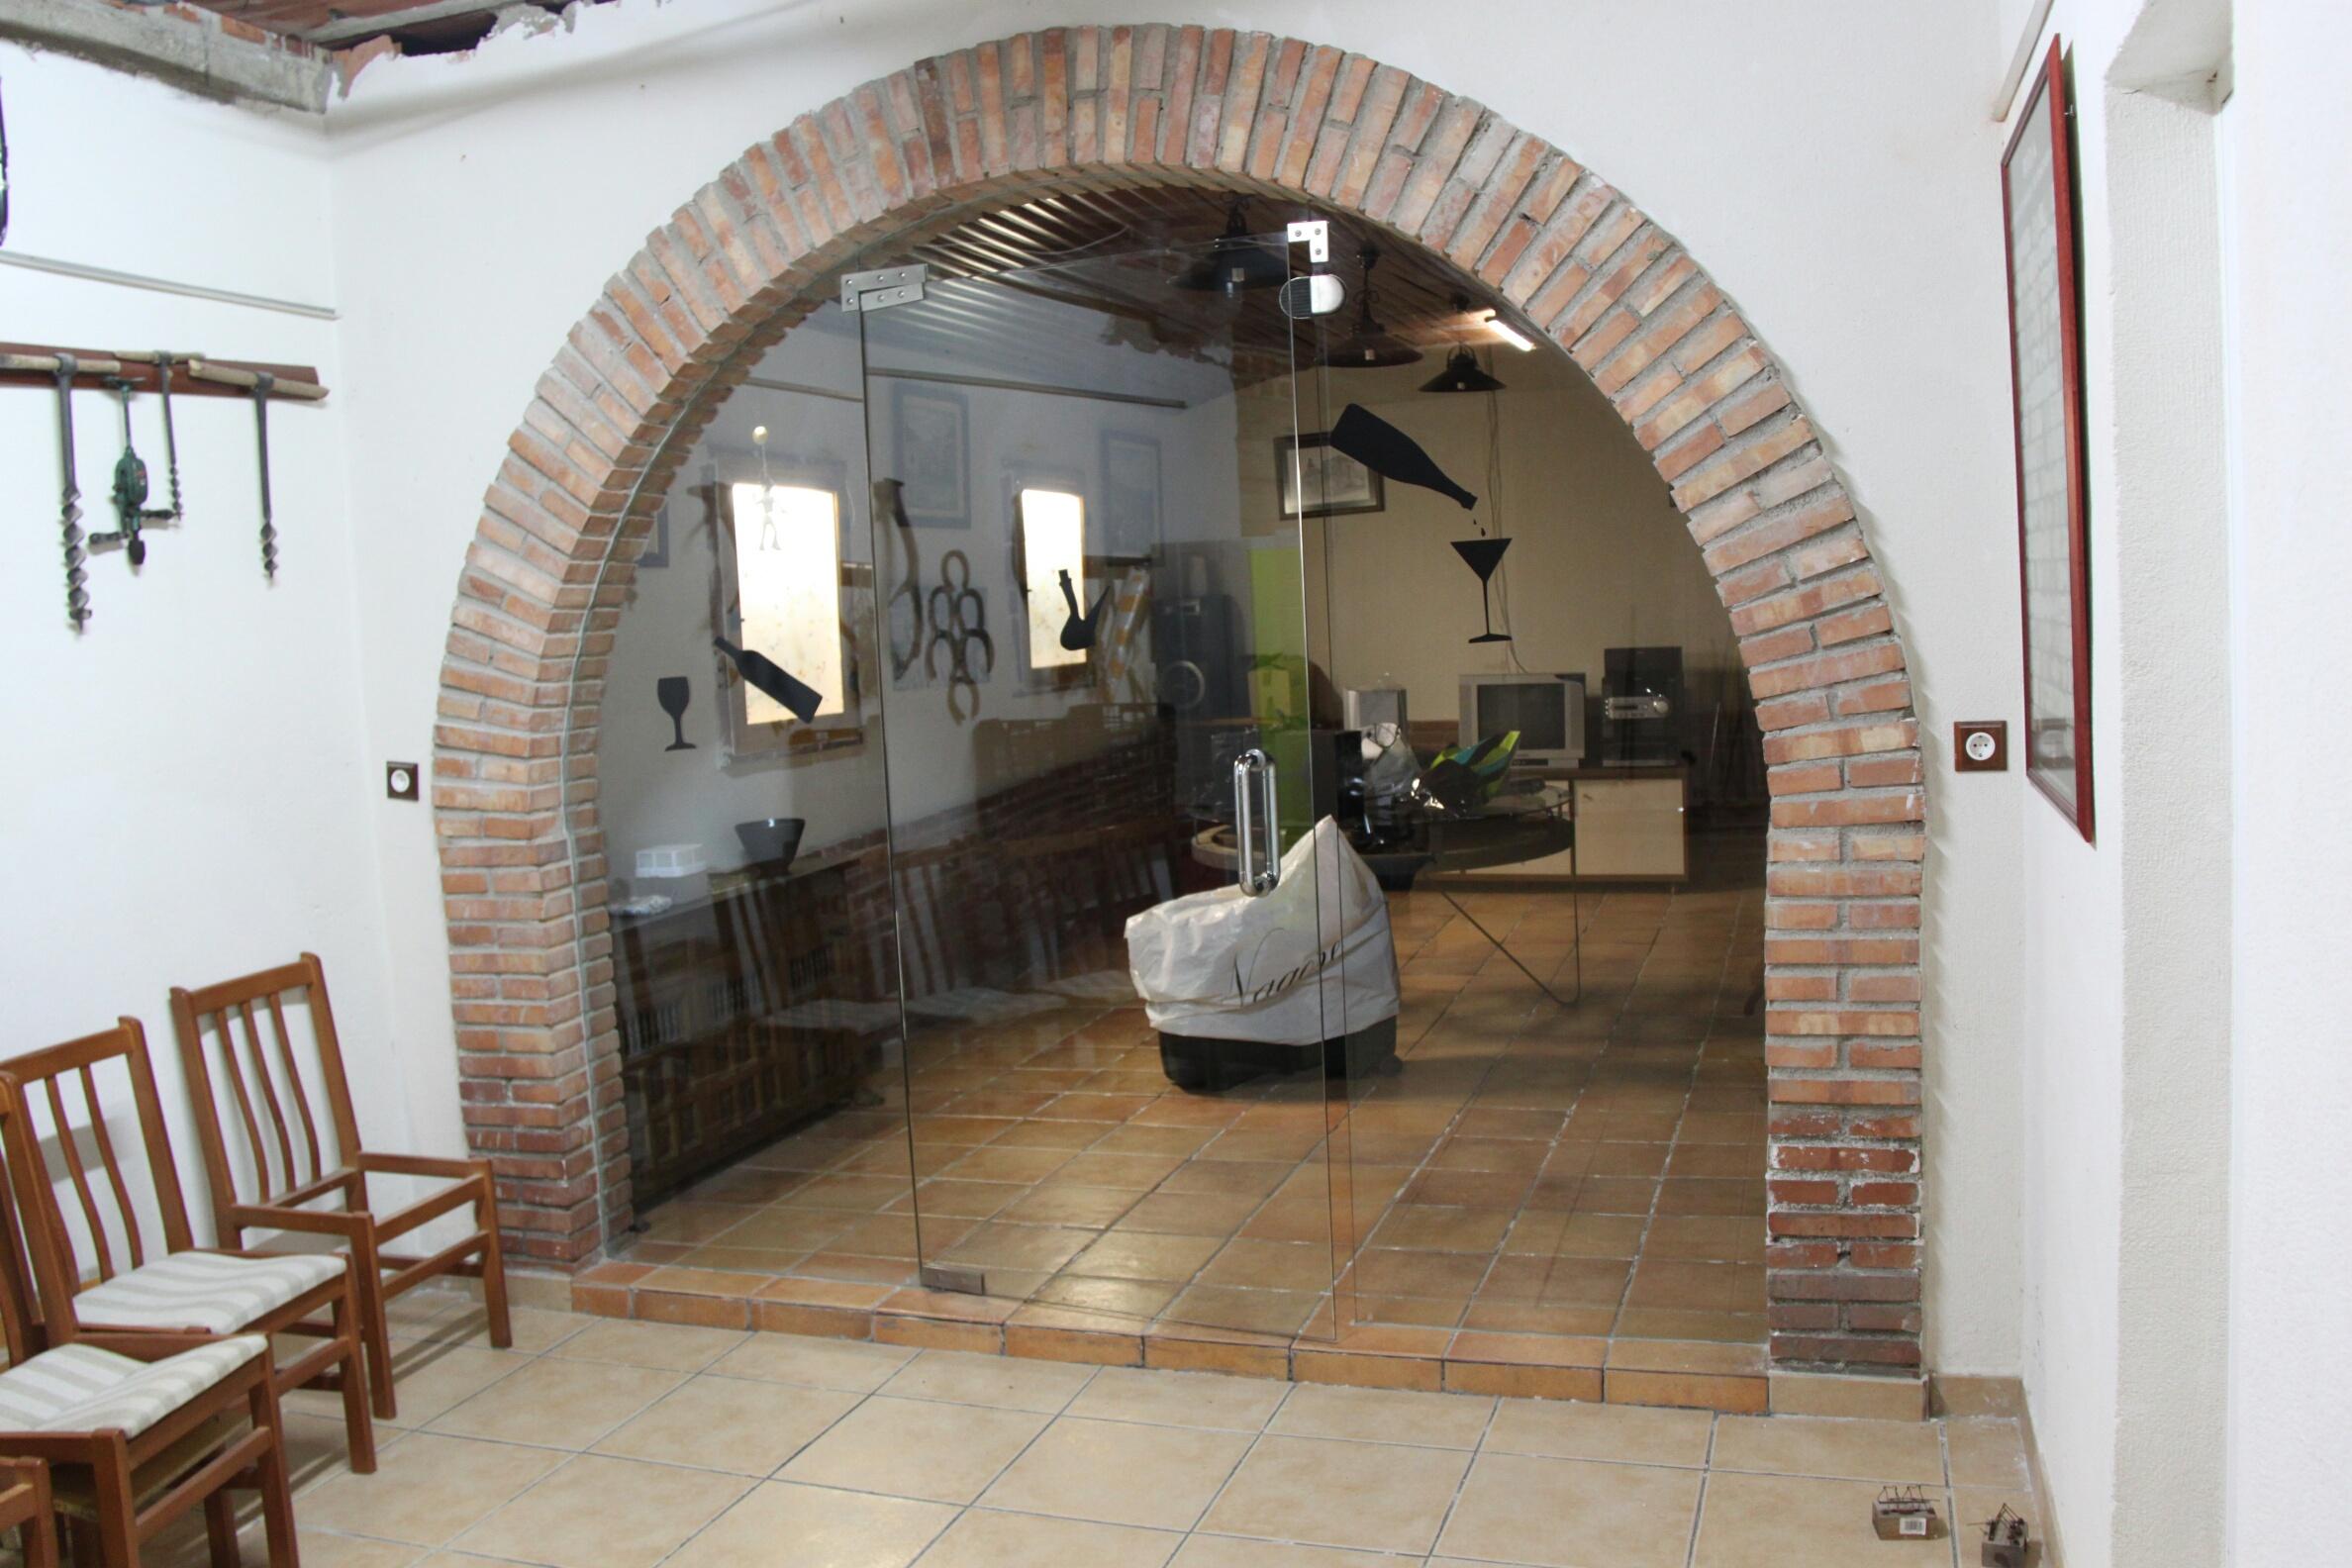 puerta de vidrio en arco en la bodega de una casa cerca de